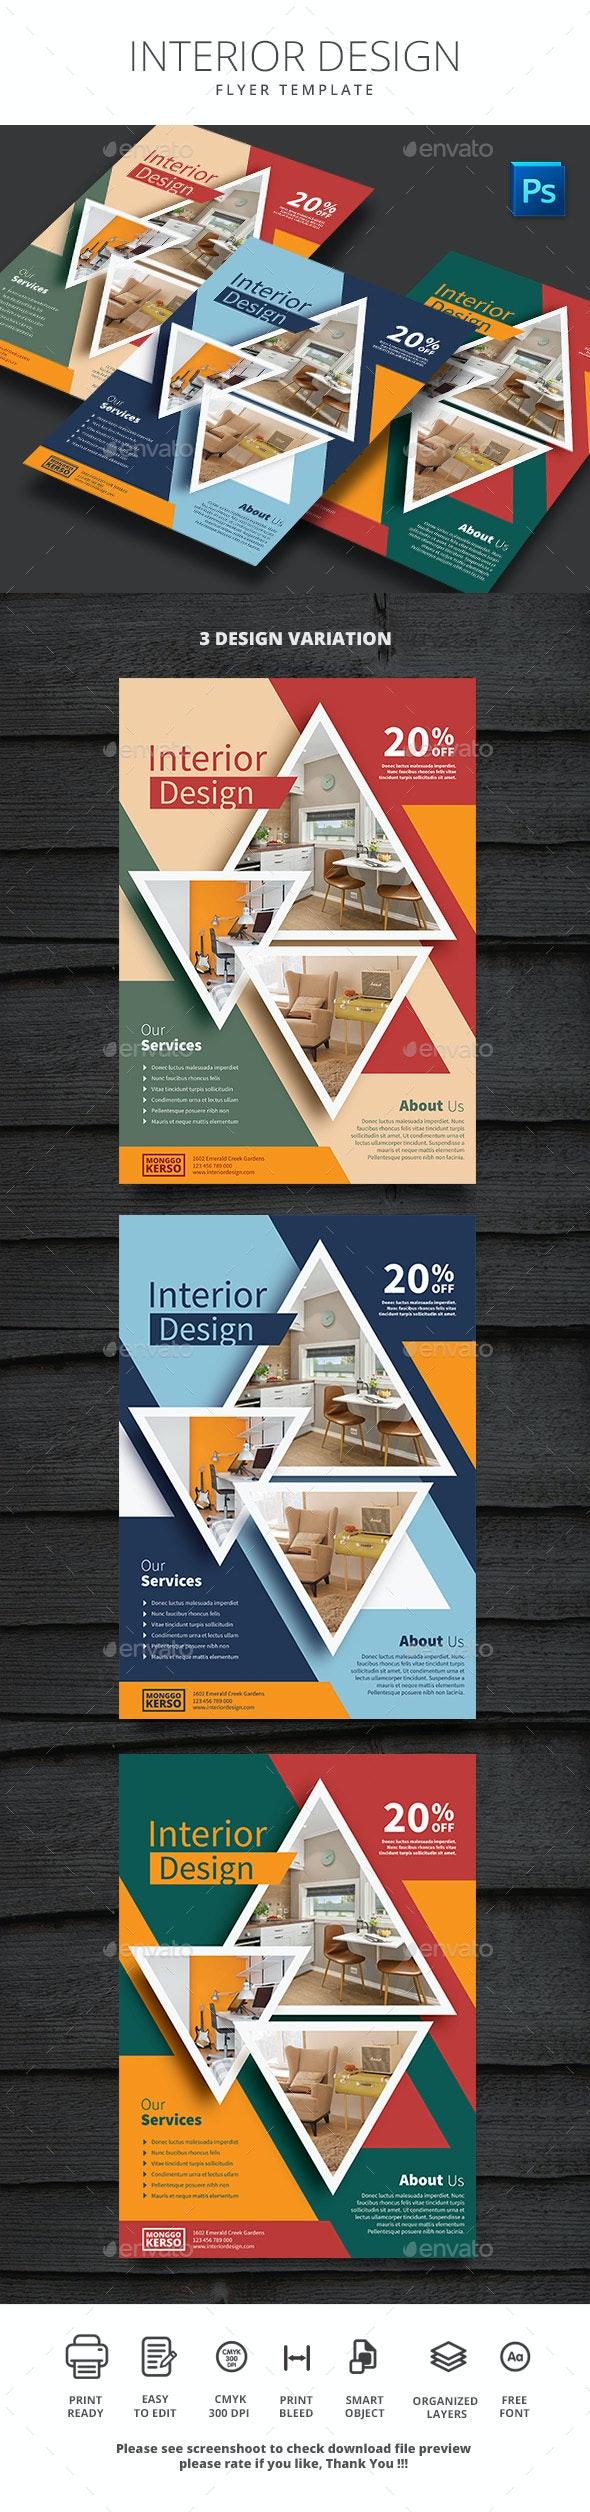 Interior Design - Print Templates